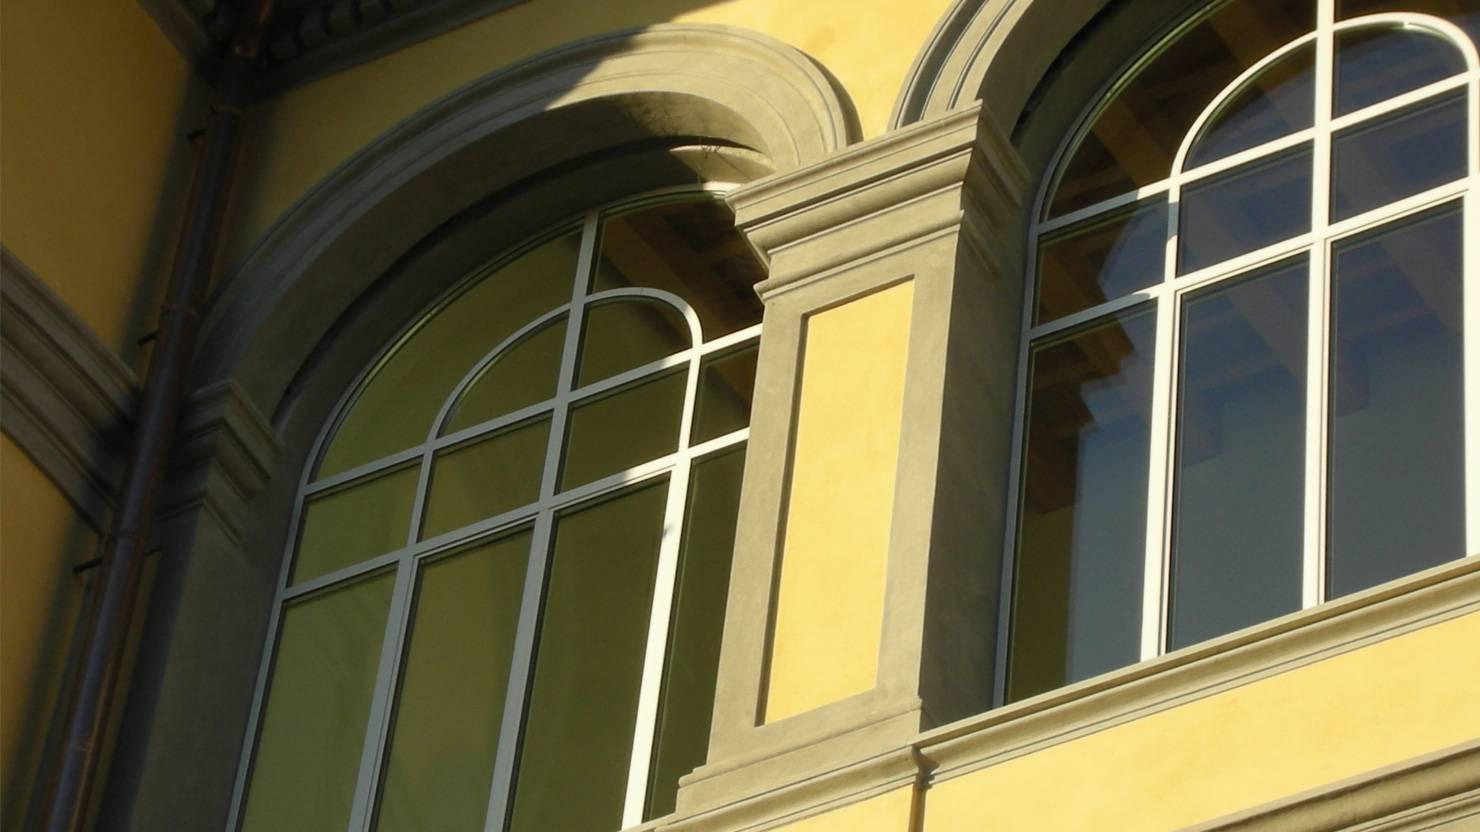 acciaio-zincato-serramenti-potoghesi-torsello-grego-edificio-residenziale-liberty-4_project_big